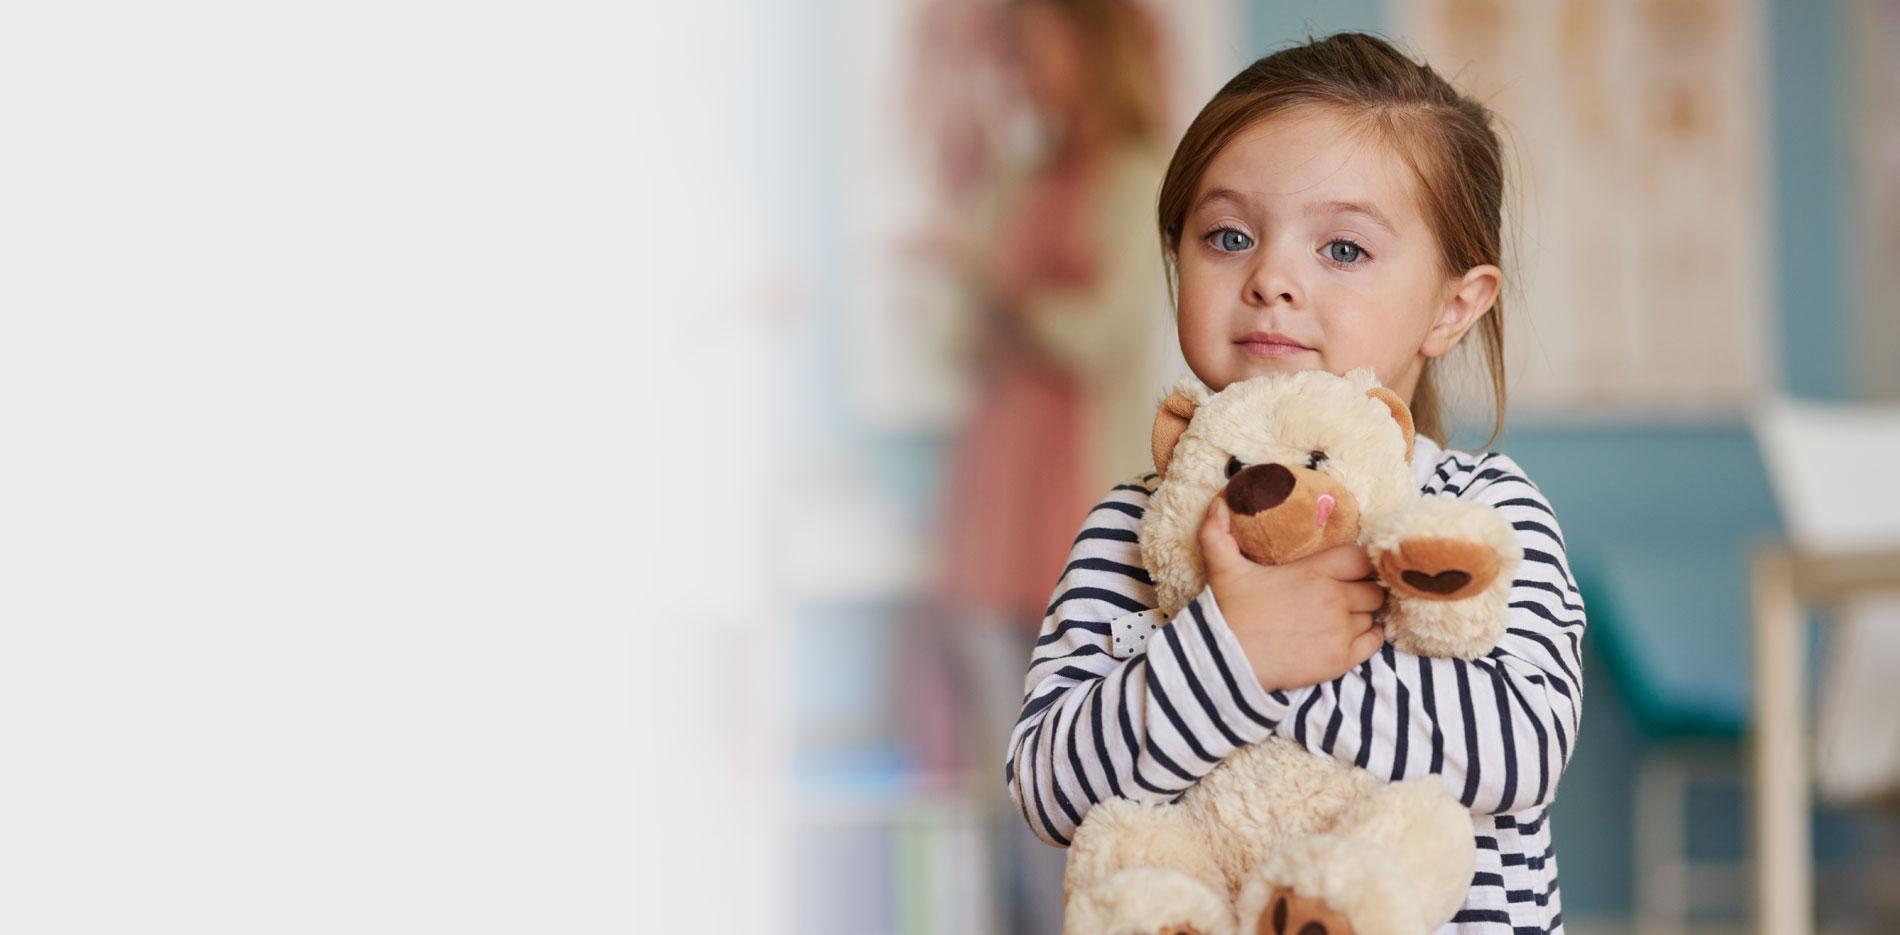 Cook Children's Urology Center - Pediatric Urology